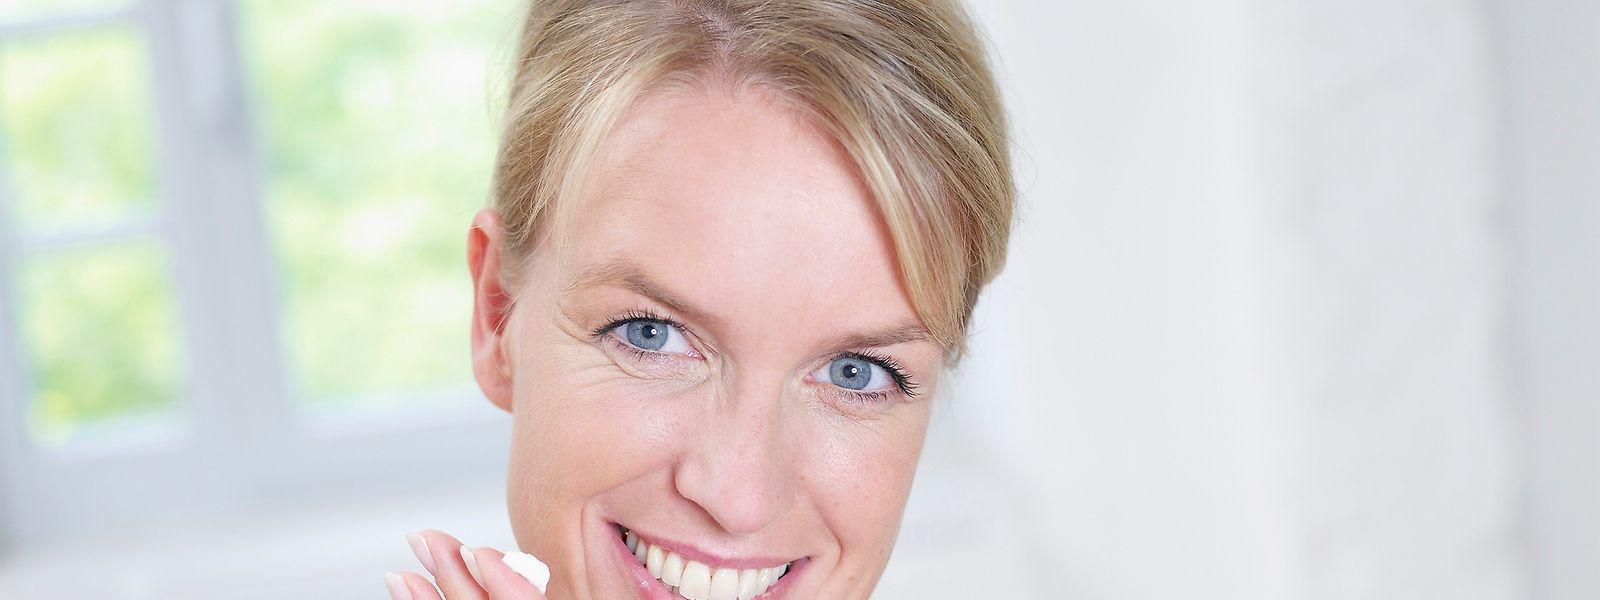 So strahlen die Augen auch weiterhin: Augencremes pflegen die strapazierte Haut.